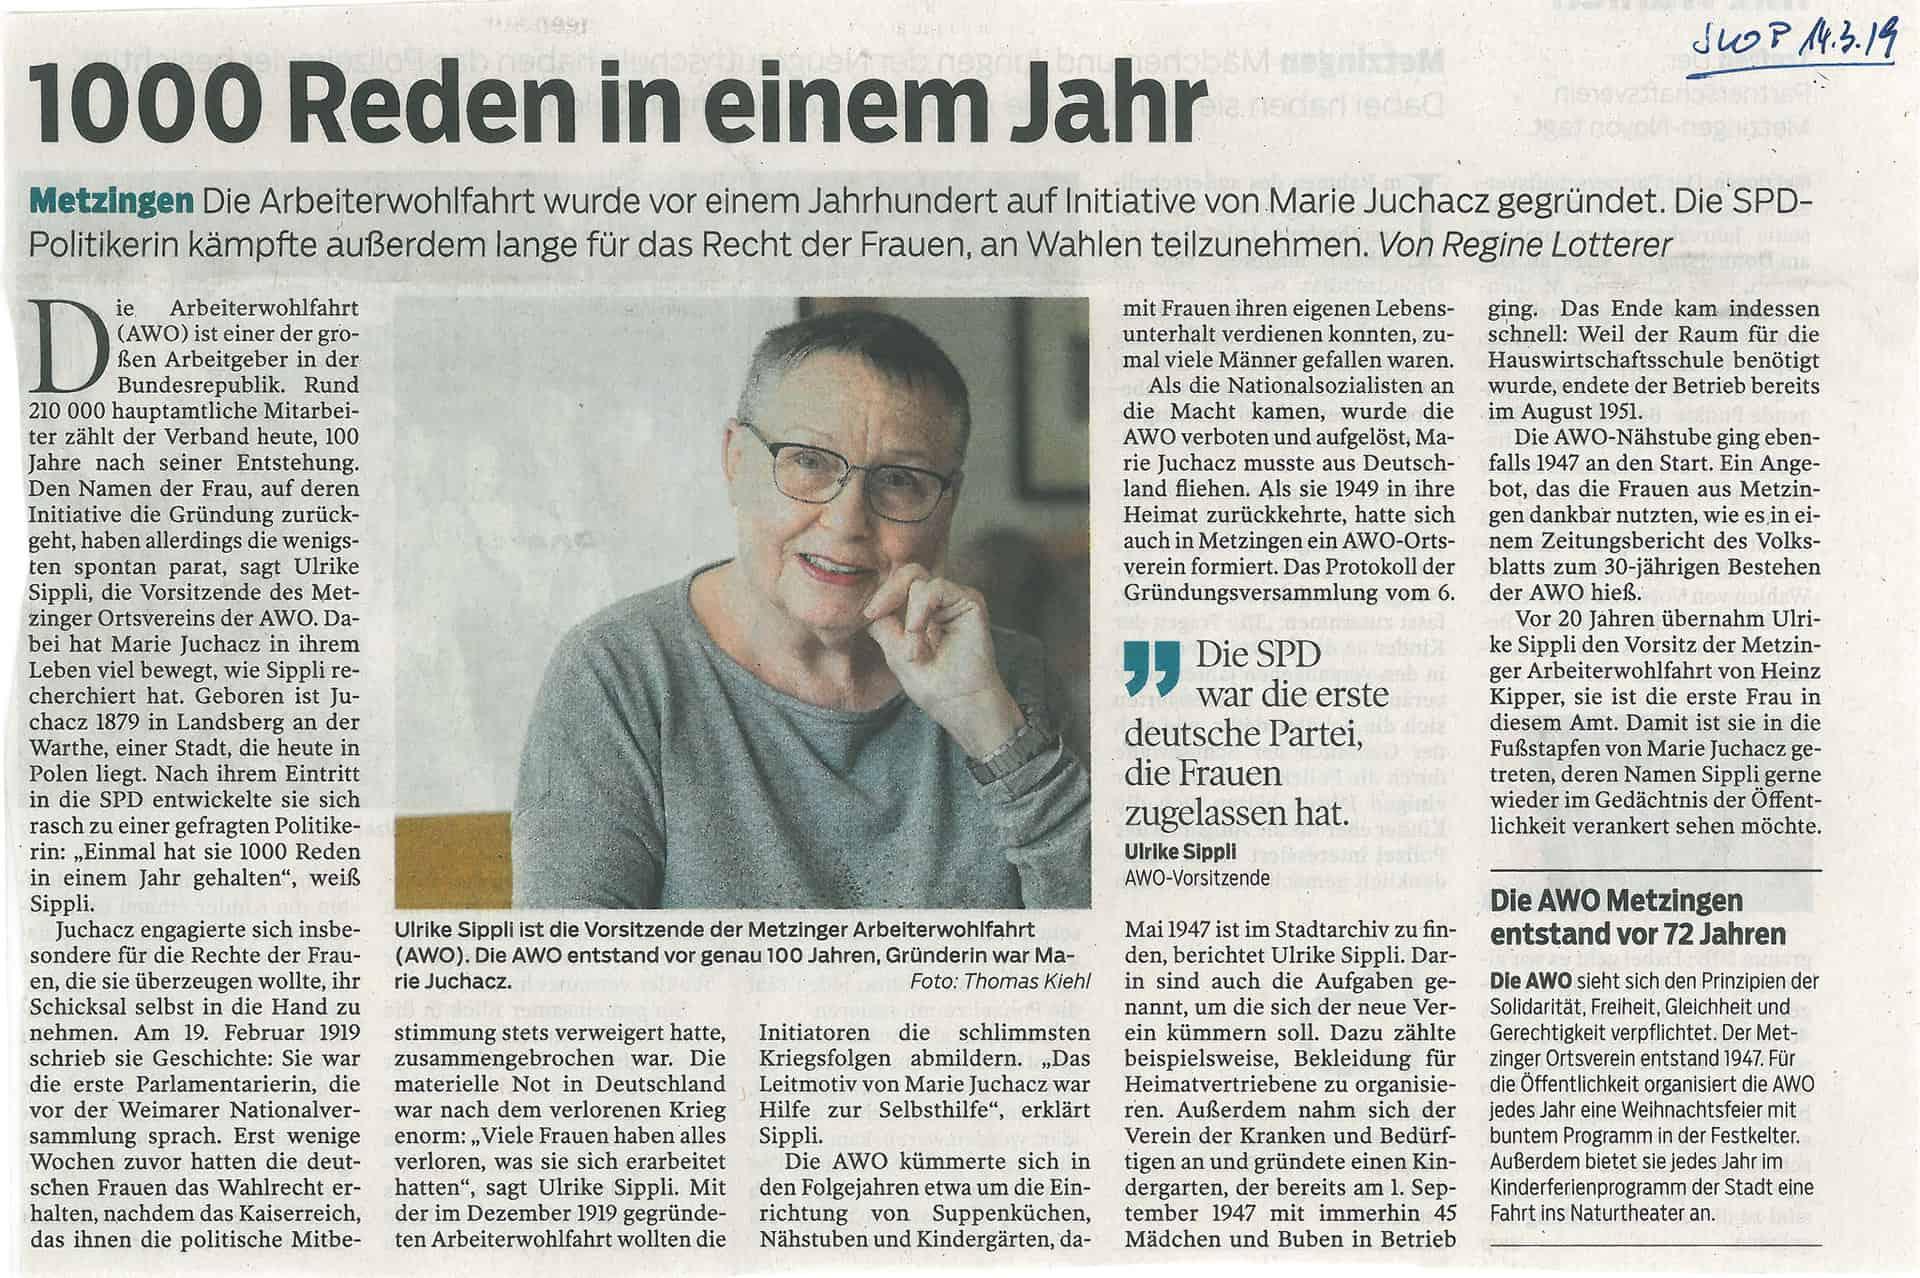 Pressemeldung über die AWO Metzingen